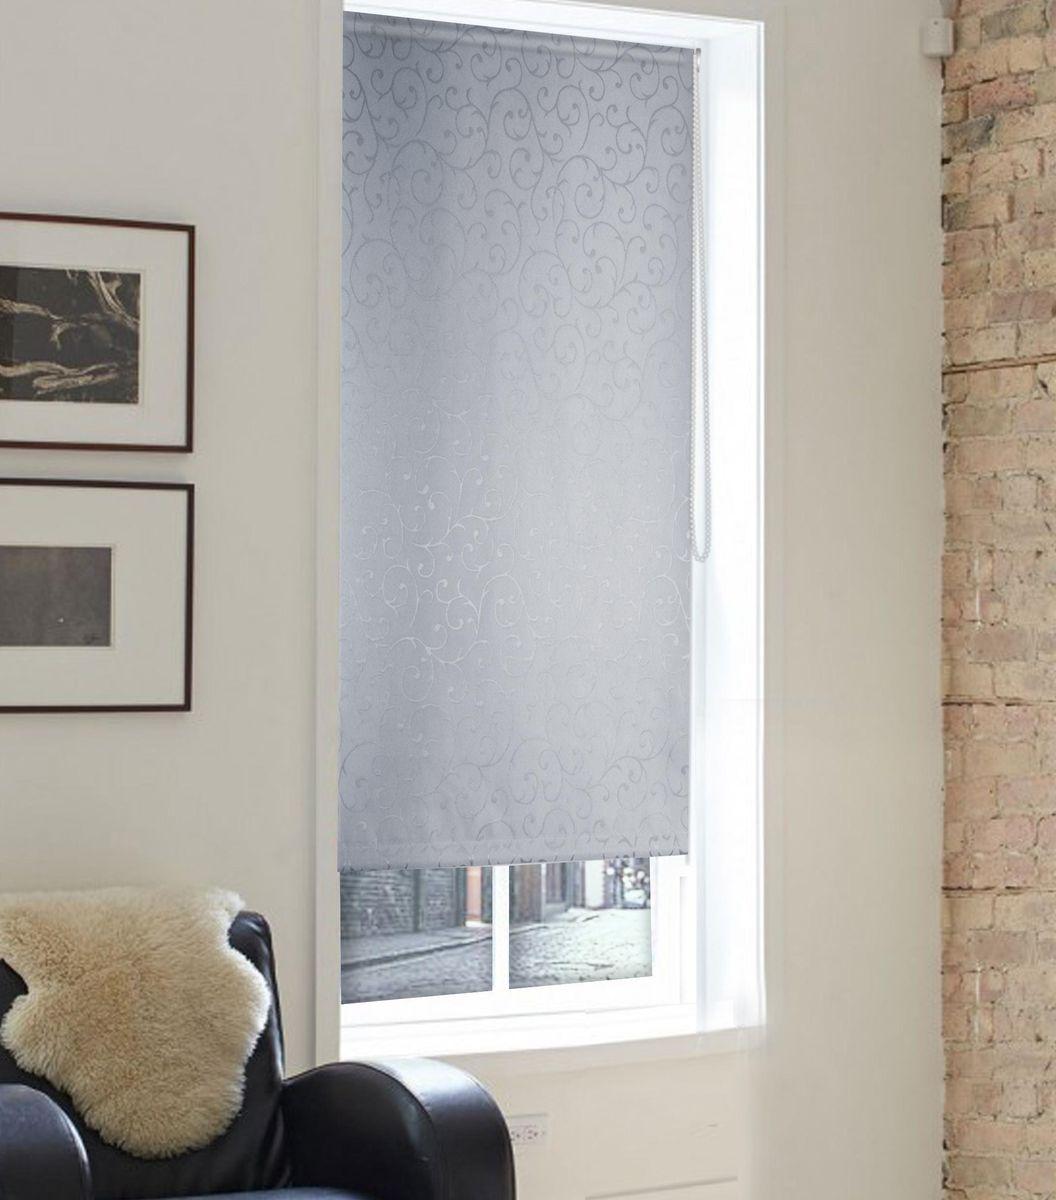 Штора рулонная Эскар Агат, цвет: серый, ширина 210 см, высота 160 см87022210160Рулонными шторами можно оформлять окна как самостоятельно, так и использовать в комбинации с портьерами. Это поможет предотвратить выгорание дорогой ткани на солнце и соединит функционал рулонных с красотой навесных. Преимущества применения рулонных штор для пластиковых окон: - имеют прекрасный внешний вид: многообразие и фактурность материала изделия отлично смотрятся в любом интерьере; - многофункциональны: есть возможность подобрать шторы способные эффективно защитить комнату от солнца, при этом она не будет слишком темной. - Есть возможность осуществить быстрый монтаж. ВНИМАНИЕ! Размеры ширины изделия указаны по ширине ткани! Во время эксплуатации не рекомендуется полностью разматывать рулон, чтобы не оторвать ткань от намоточного вала. В случае загрязнения поверхности ткани, чистку шторы проводят одним из способов, в зависимости от типа загрязнения: легкое поверхностное загрязнение можно удалить при помощи канцелярского ластика; чистка от пыли производится сухим методом при...